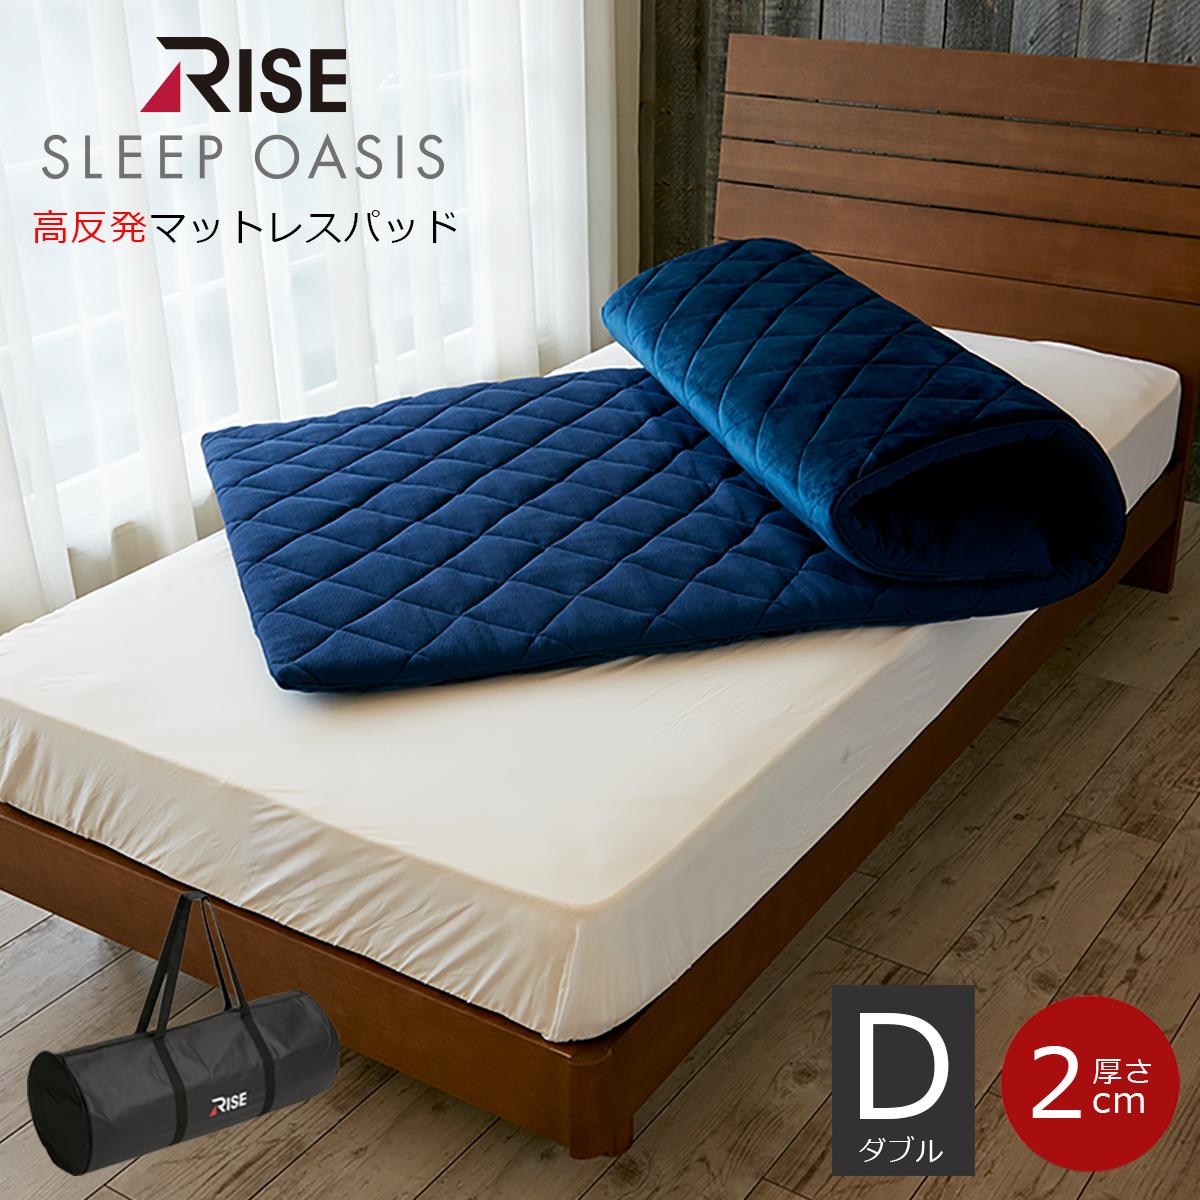 スリープオアシス 高反発ファイバー オーバーレイ マットレスパッド V02 ダブルサイズ ベッドの上に敷くだけの厚さ2cmタイプ ライズTOKYOの高反発マットレス